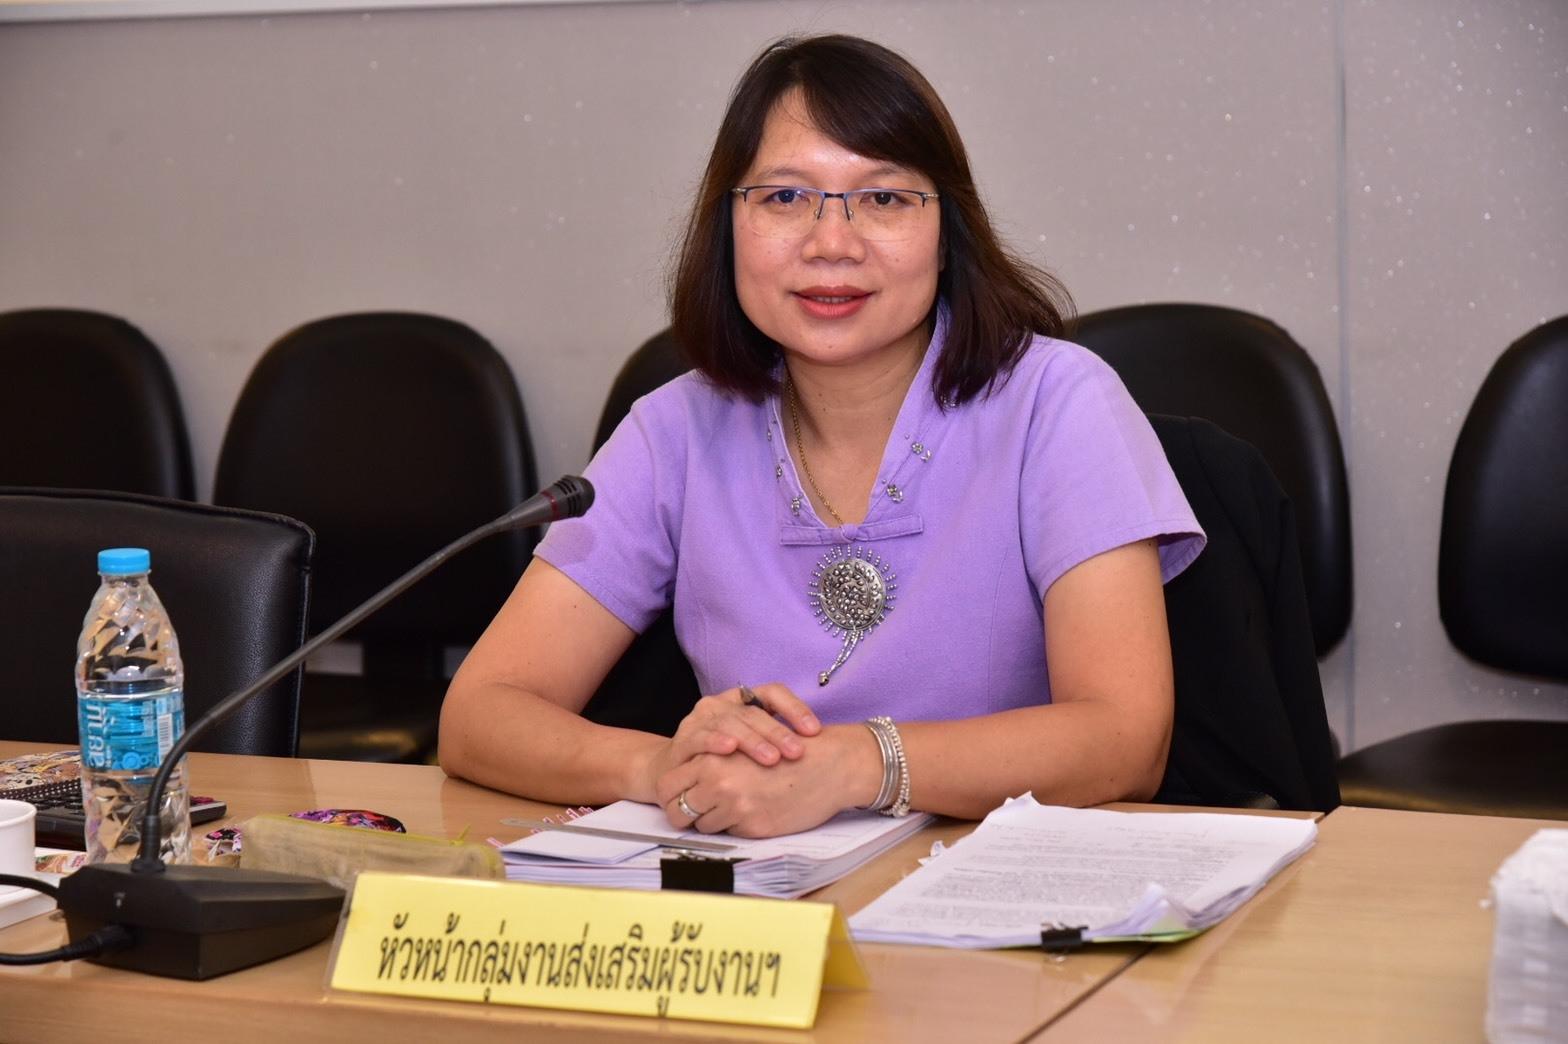 การประชุมคณะอนุกรรมการพิจารณากลั่นกรองคำร้องขอกู้ยืมเงินกองทุนเพื่อผู้รับงานไปทำที่บ้าน ครั้งที่ 8/2563